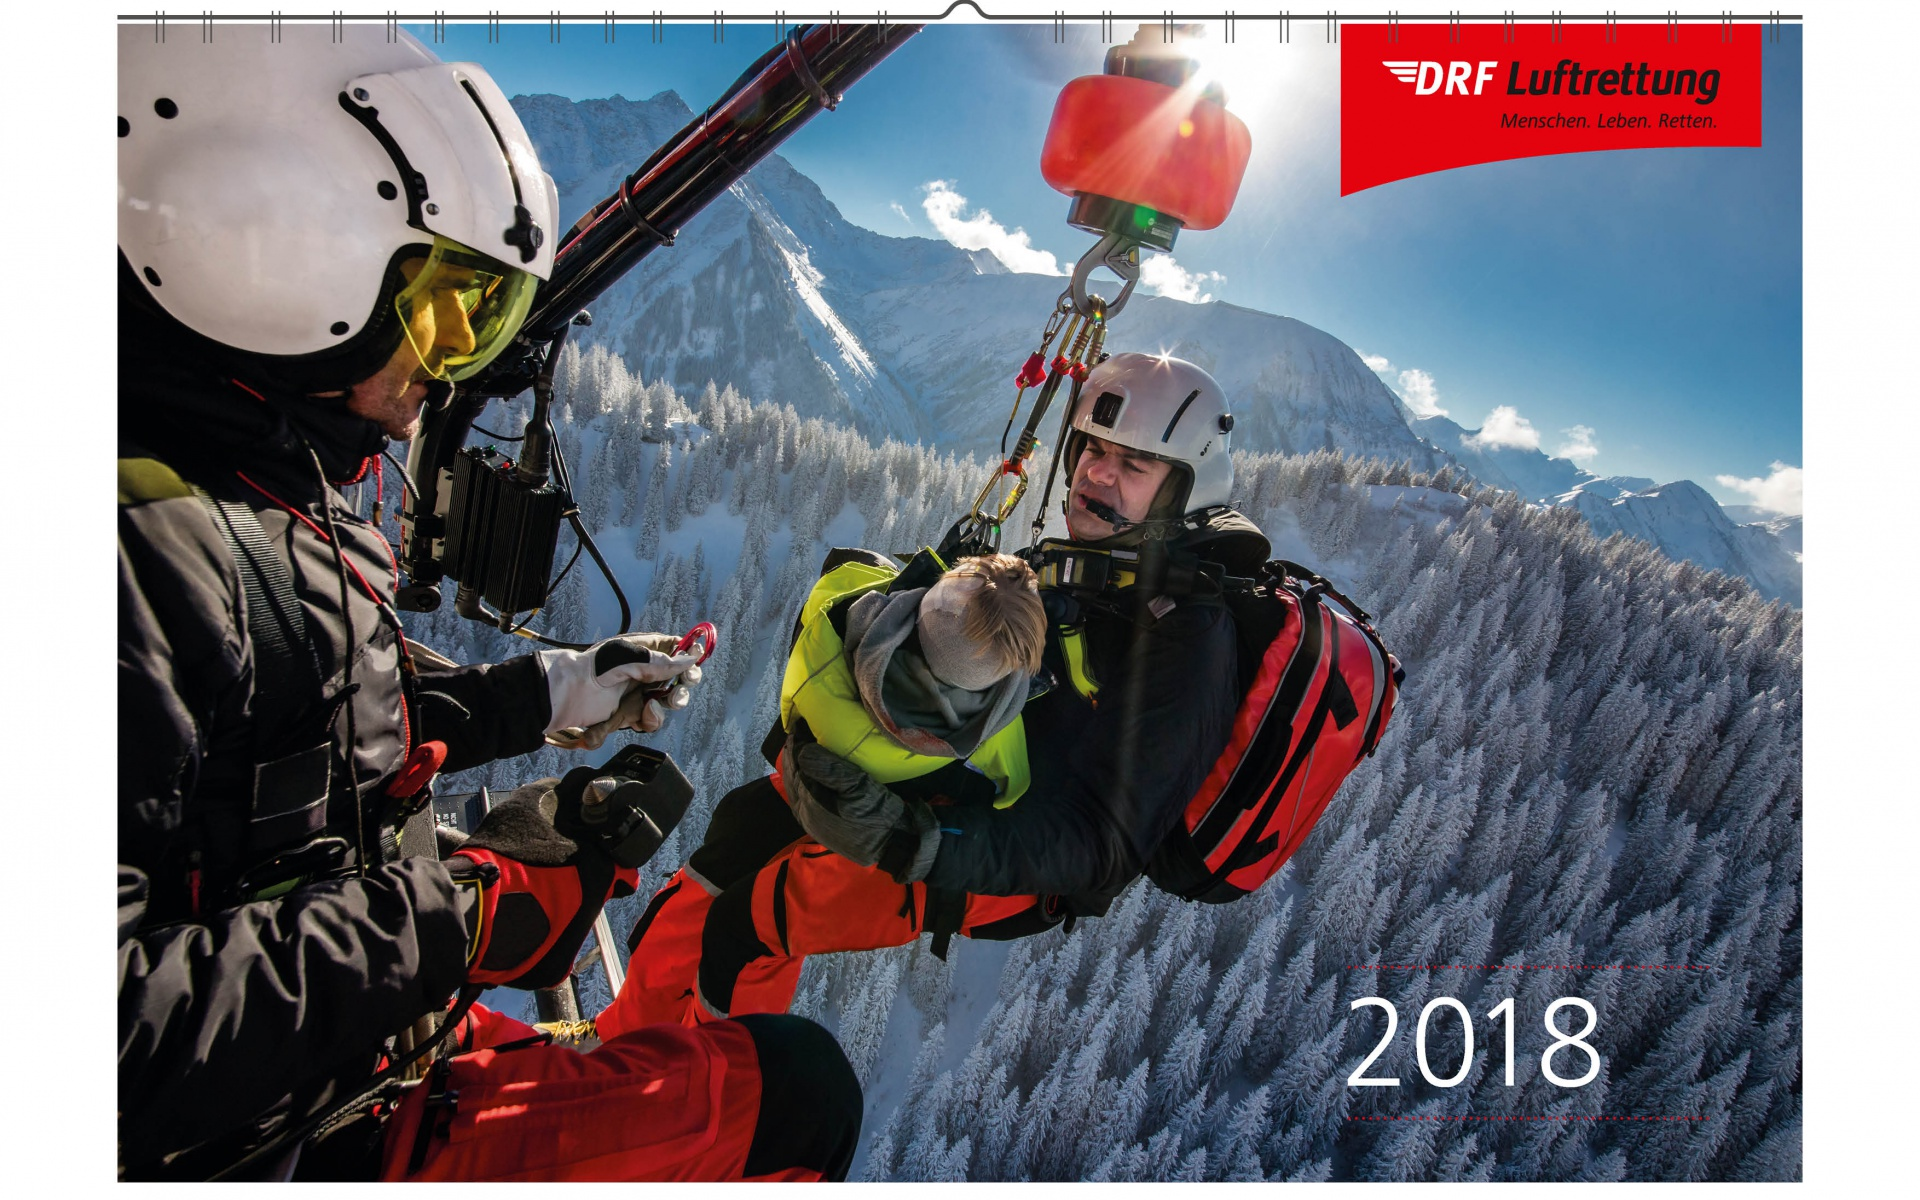 Gipfelstürmer in Österreich: Zur DRF Luftrettung gehört die ARA Flugrettung in Österreich. Da die Besatzungen dort fast ausschließlich in hochalpinem Gelände alarmiert werden, sind die Hubschrauber mit einer Rettungswinde ausgerüstet.